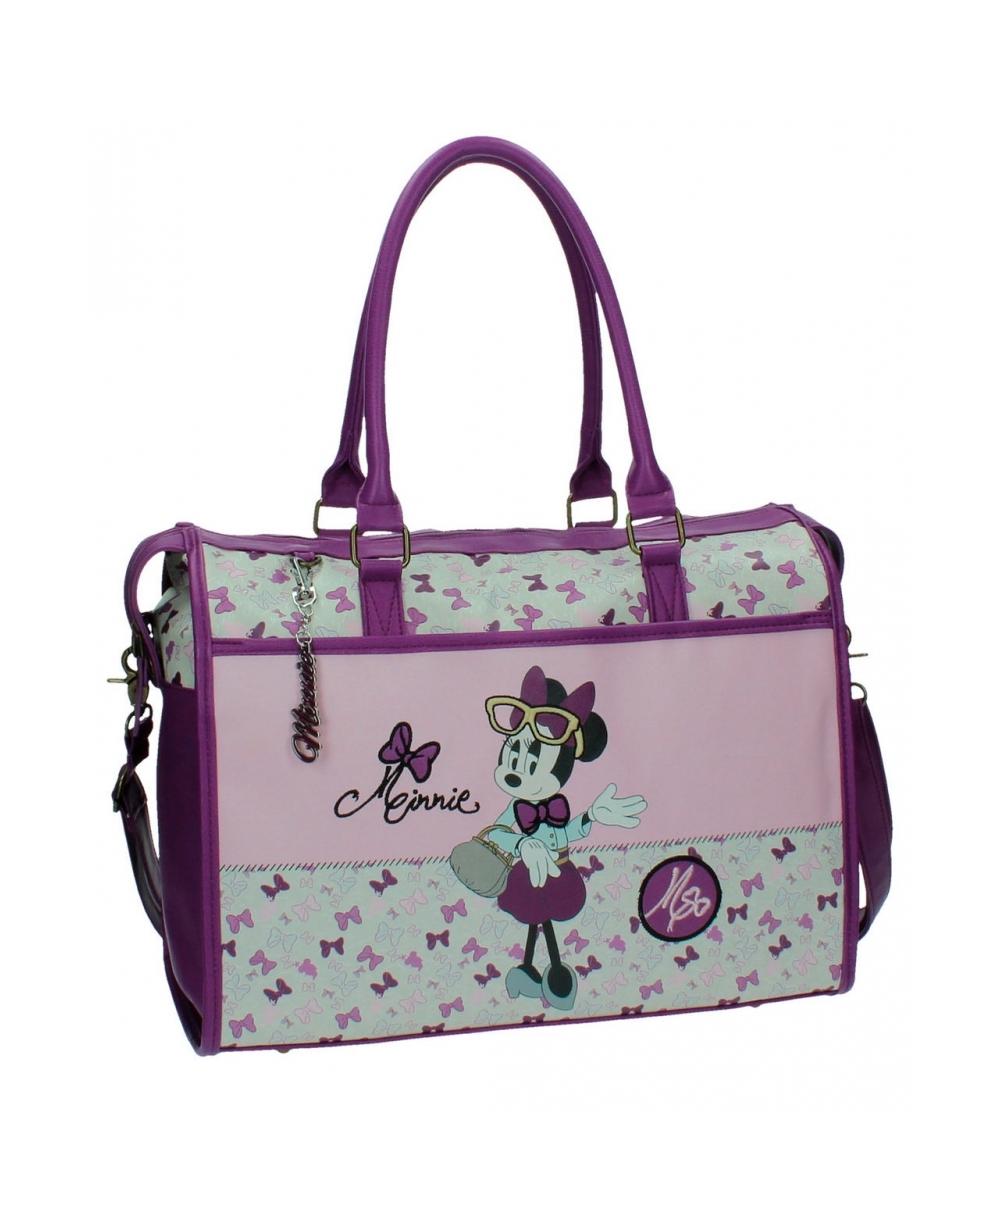 Minnie Glam Bolsa viaje Lila (Foto )